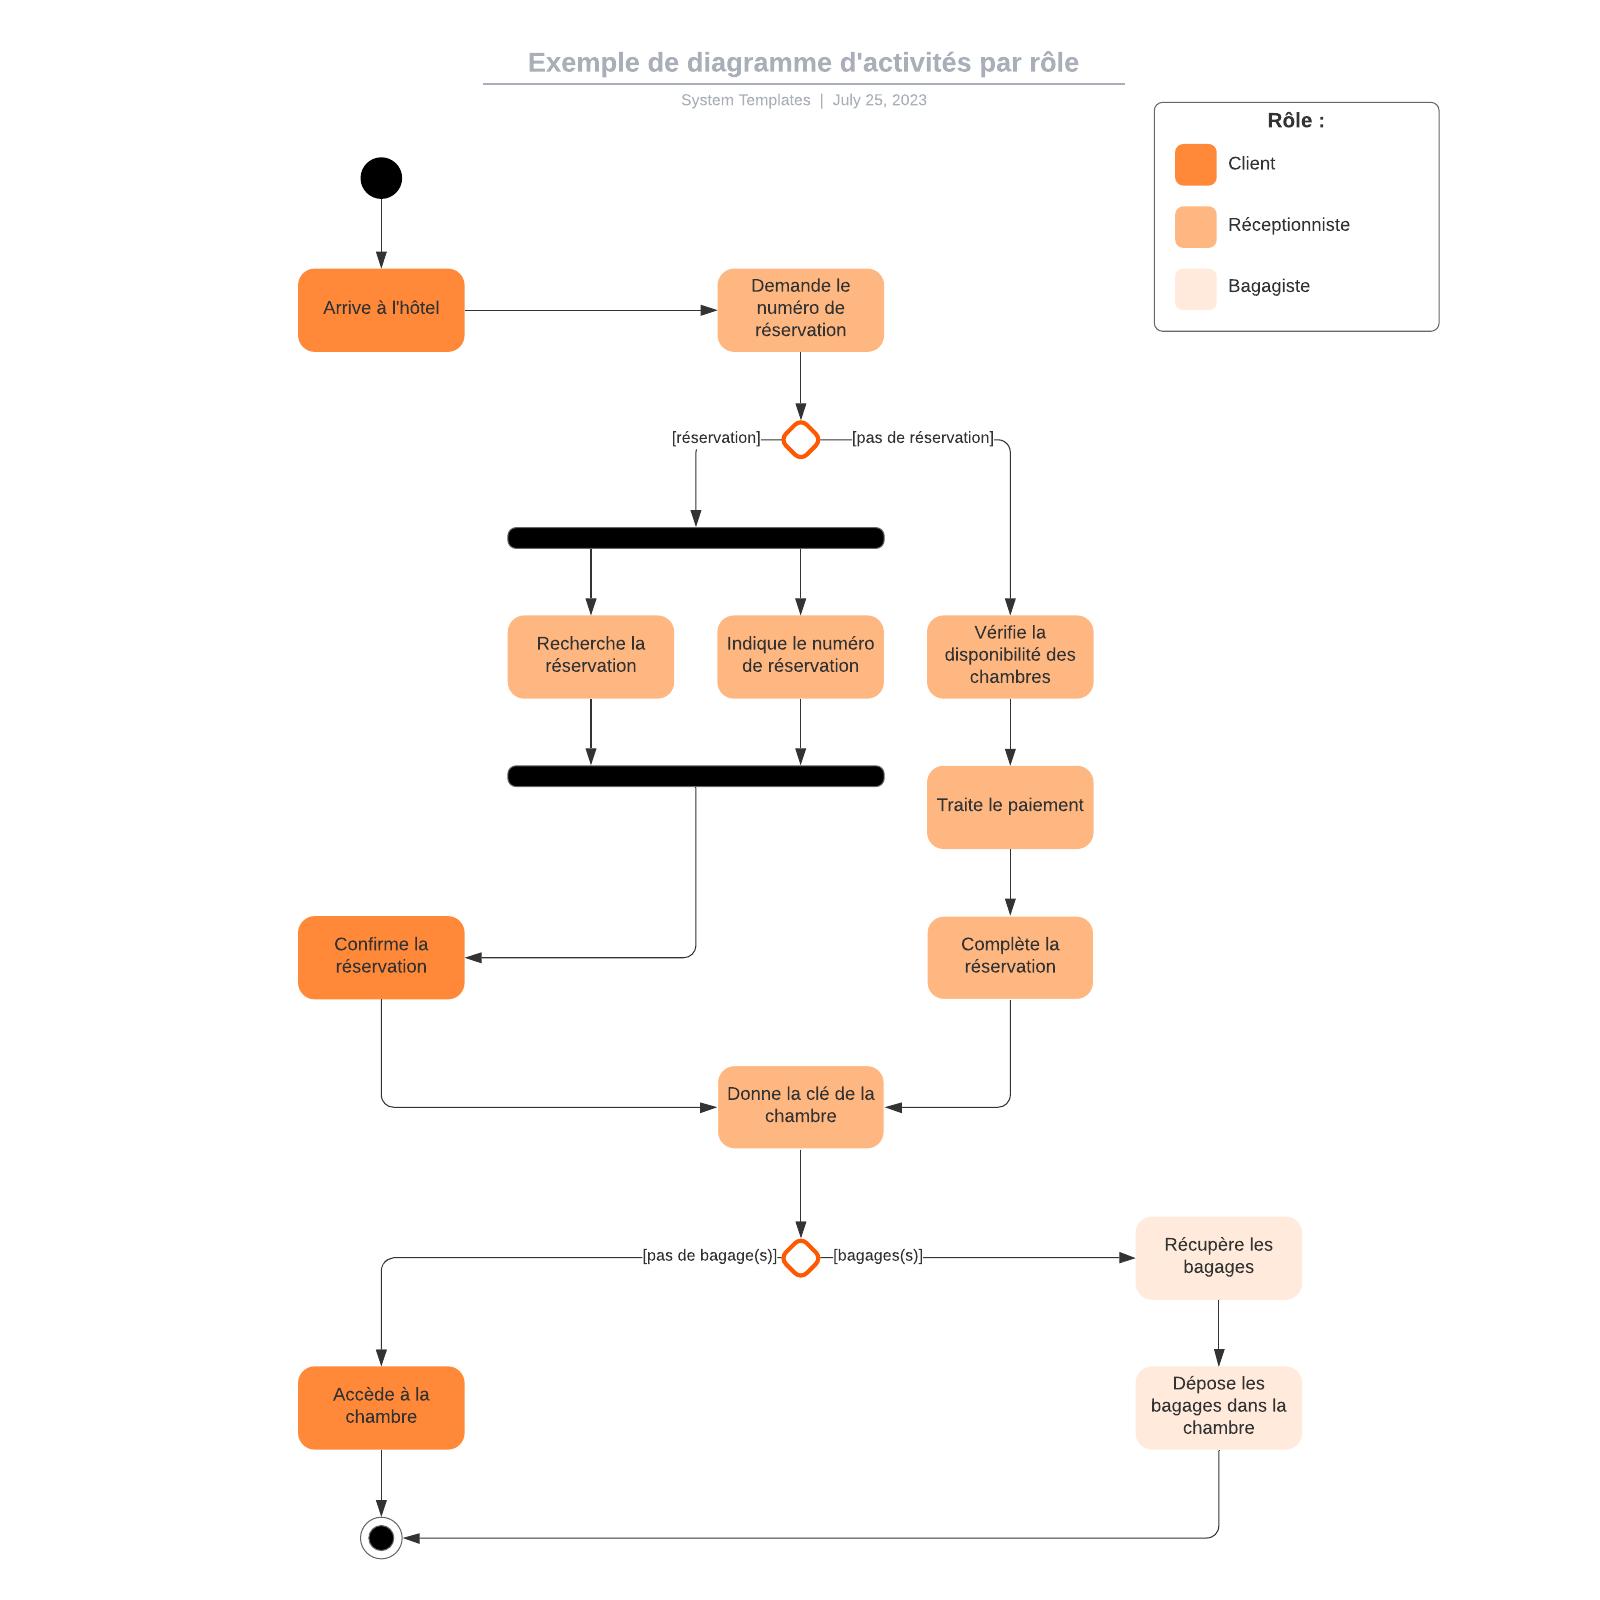 exemple de diagramme d'activités UML par rôle